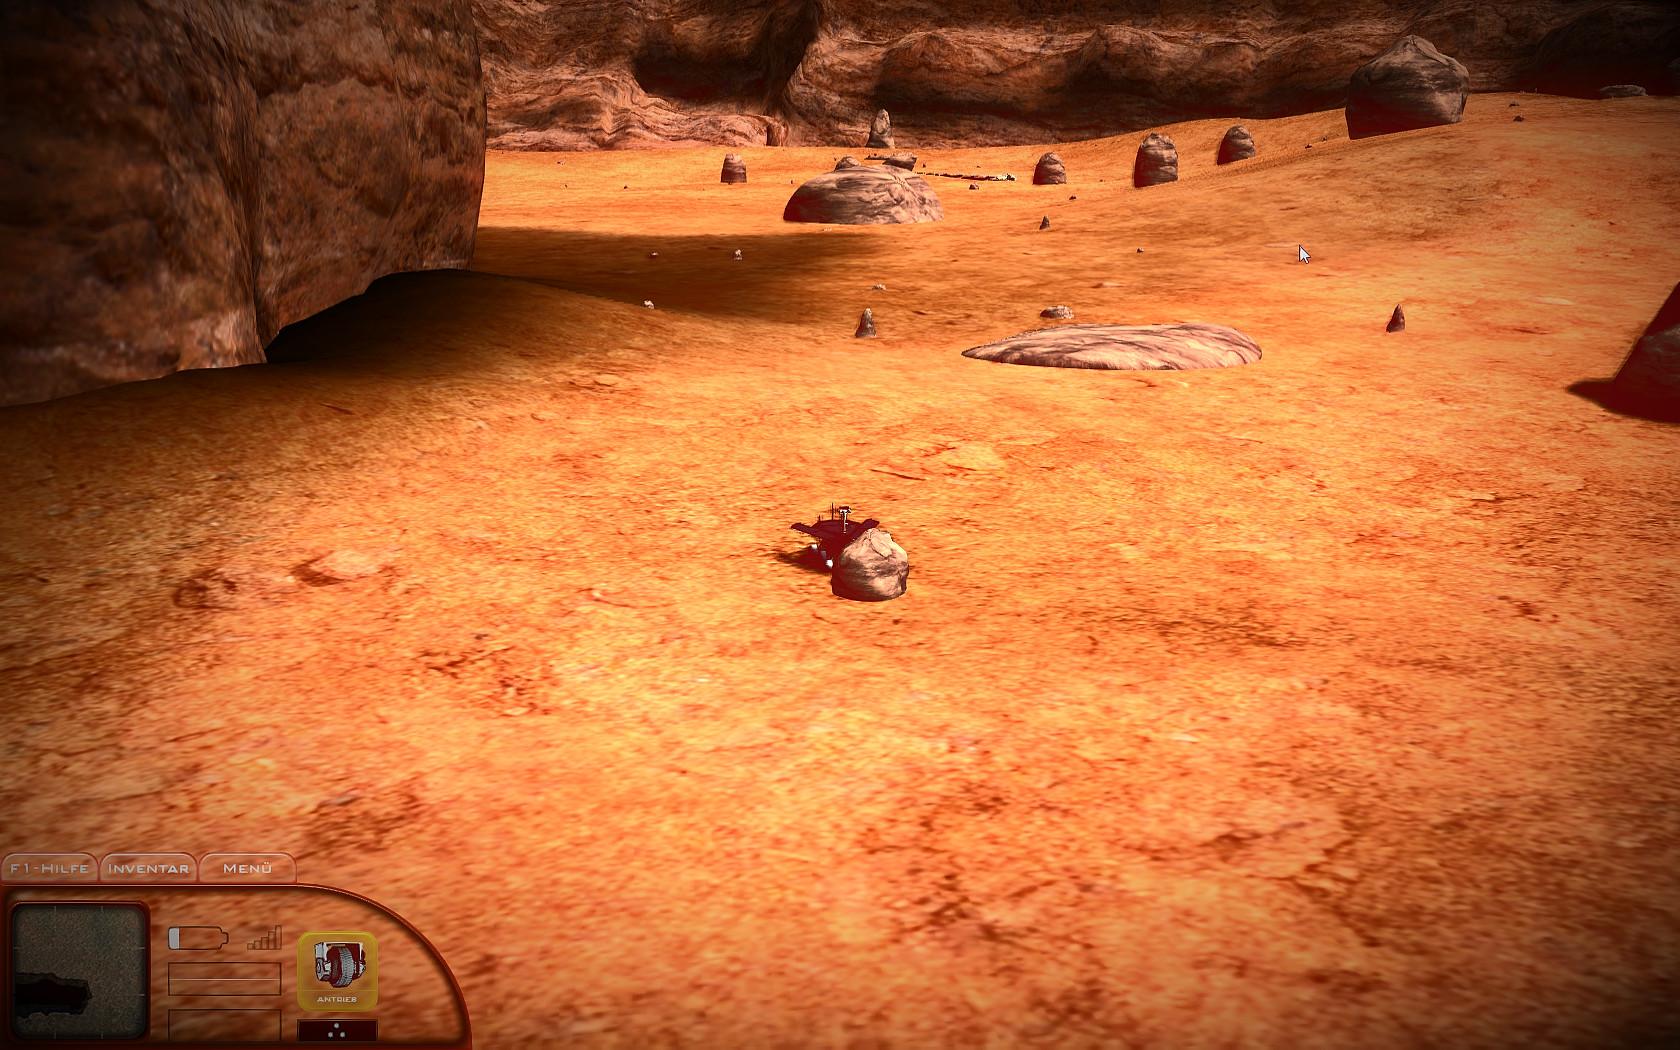 Mars Simulator - Red Planet Screenshot 2